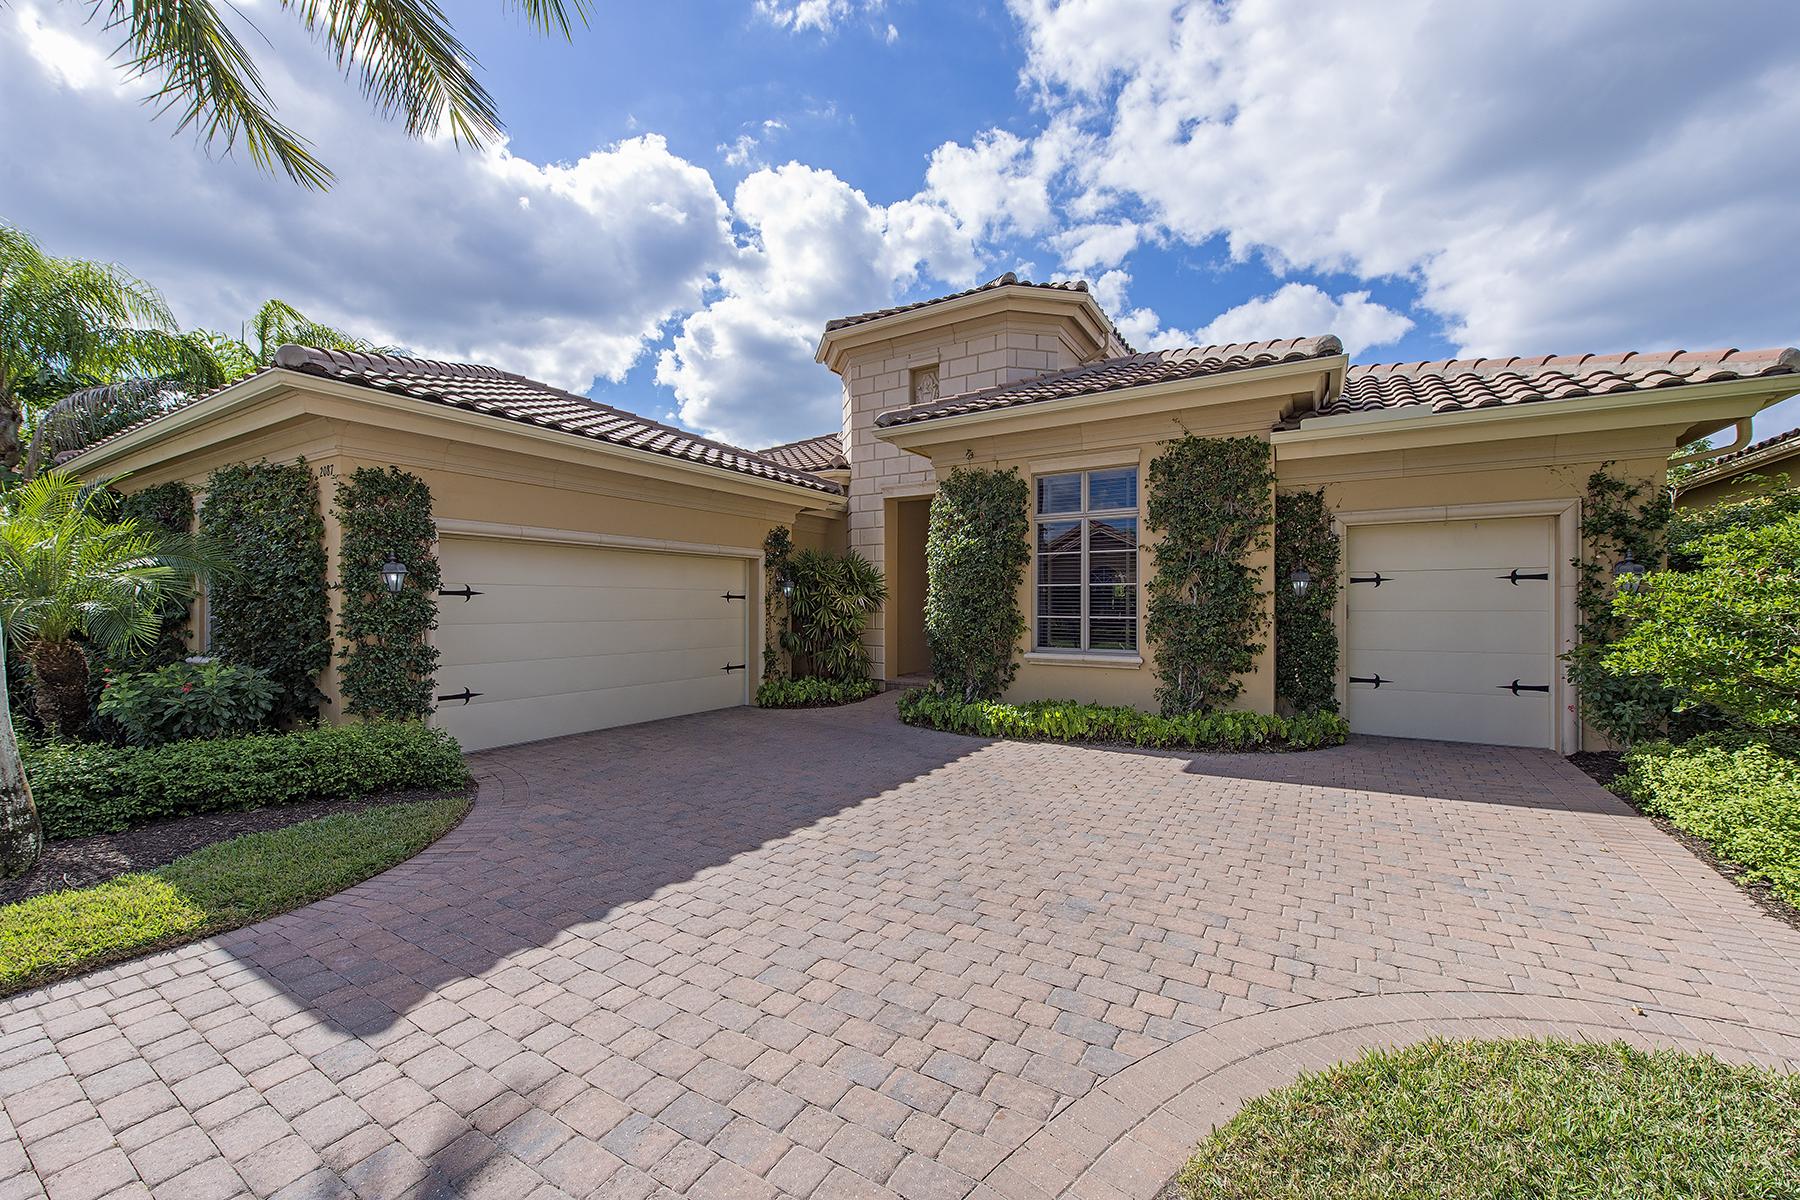 단독 가정 주택 용 매매 에 GREY OAKS - TORINO 2087 Rivoli Ct Naples, 플로리다, 34105 미국